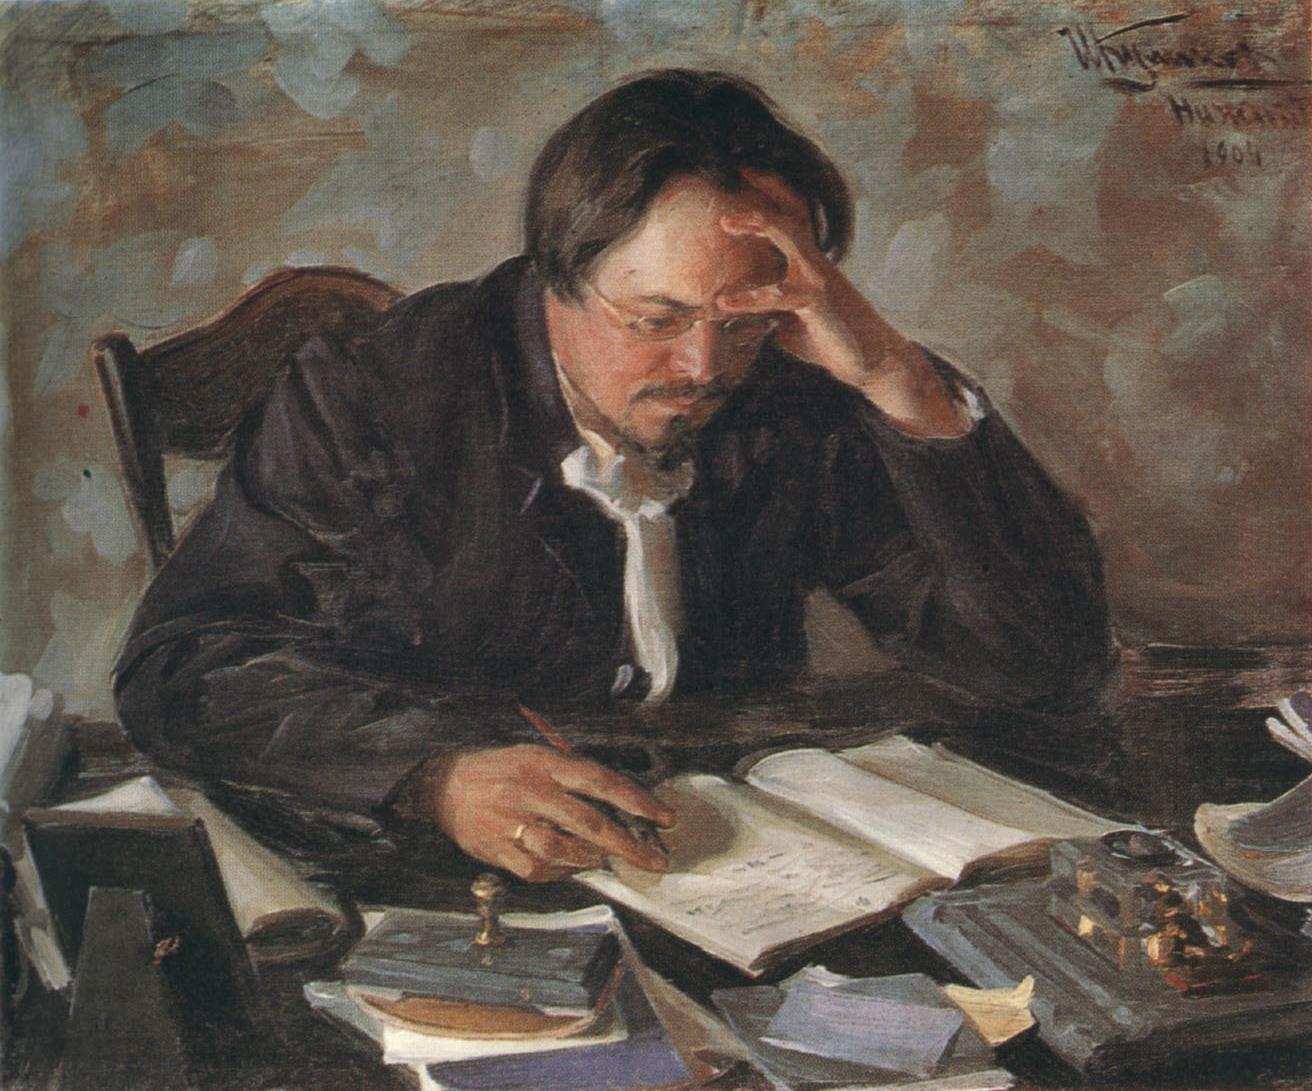 Pavel Pyatnitsky: biography, photo